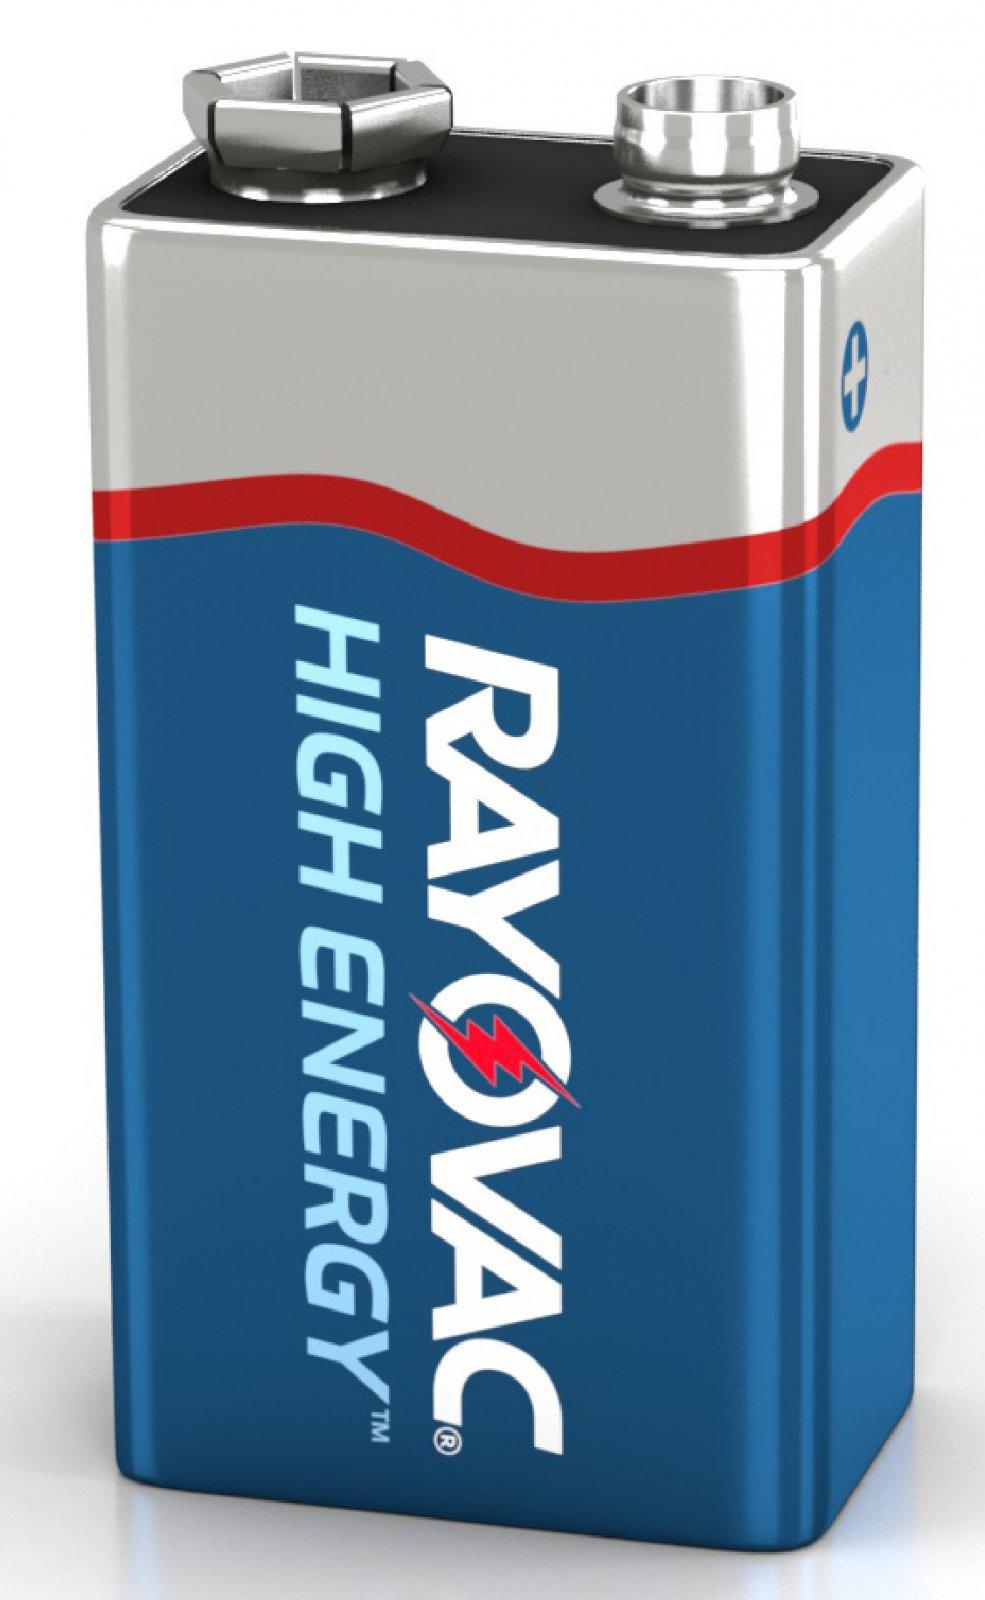 Rayovac 9v Battery